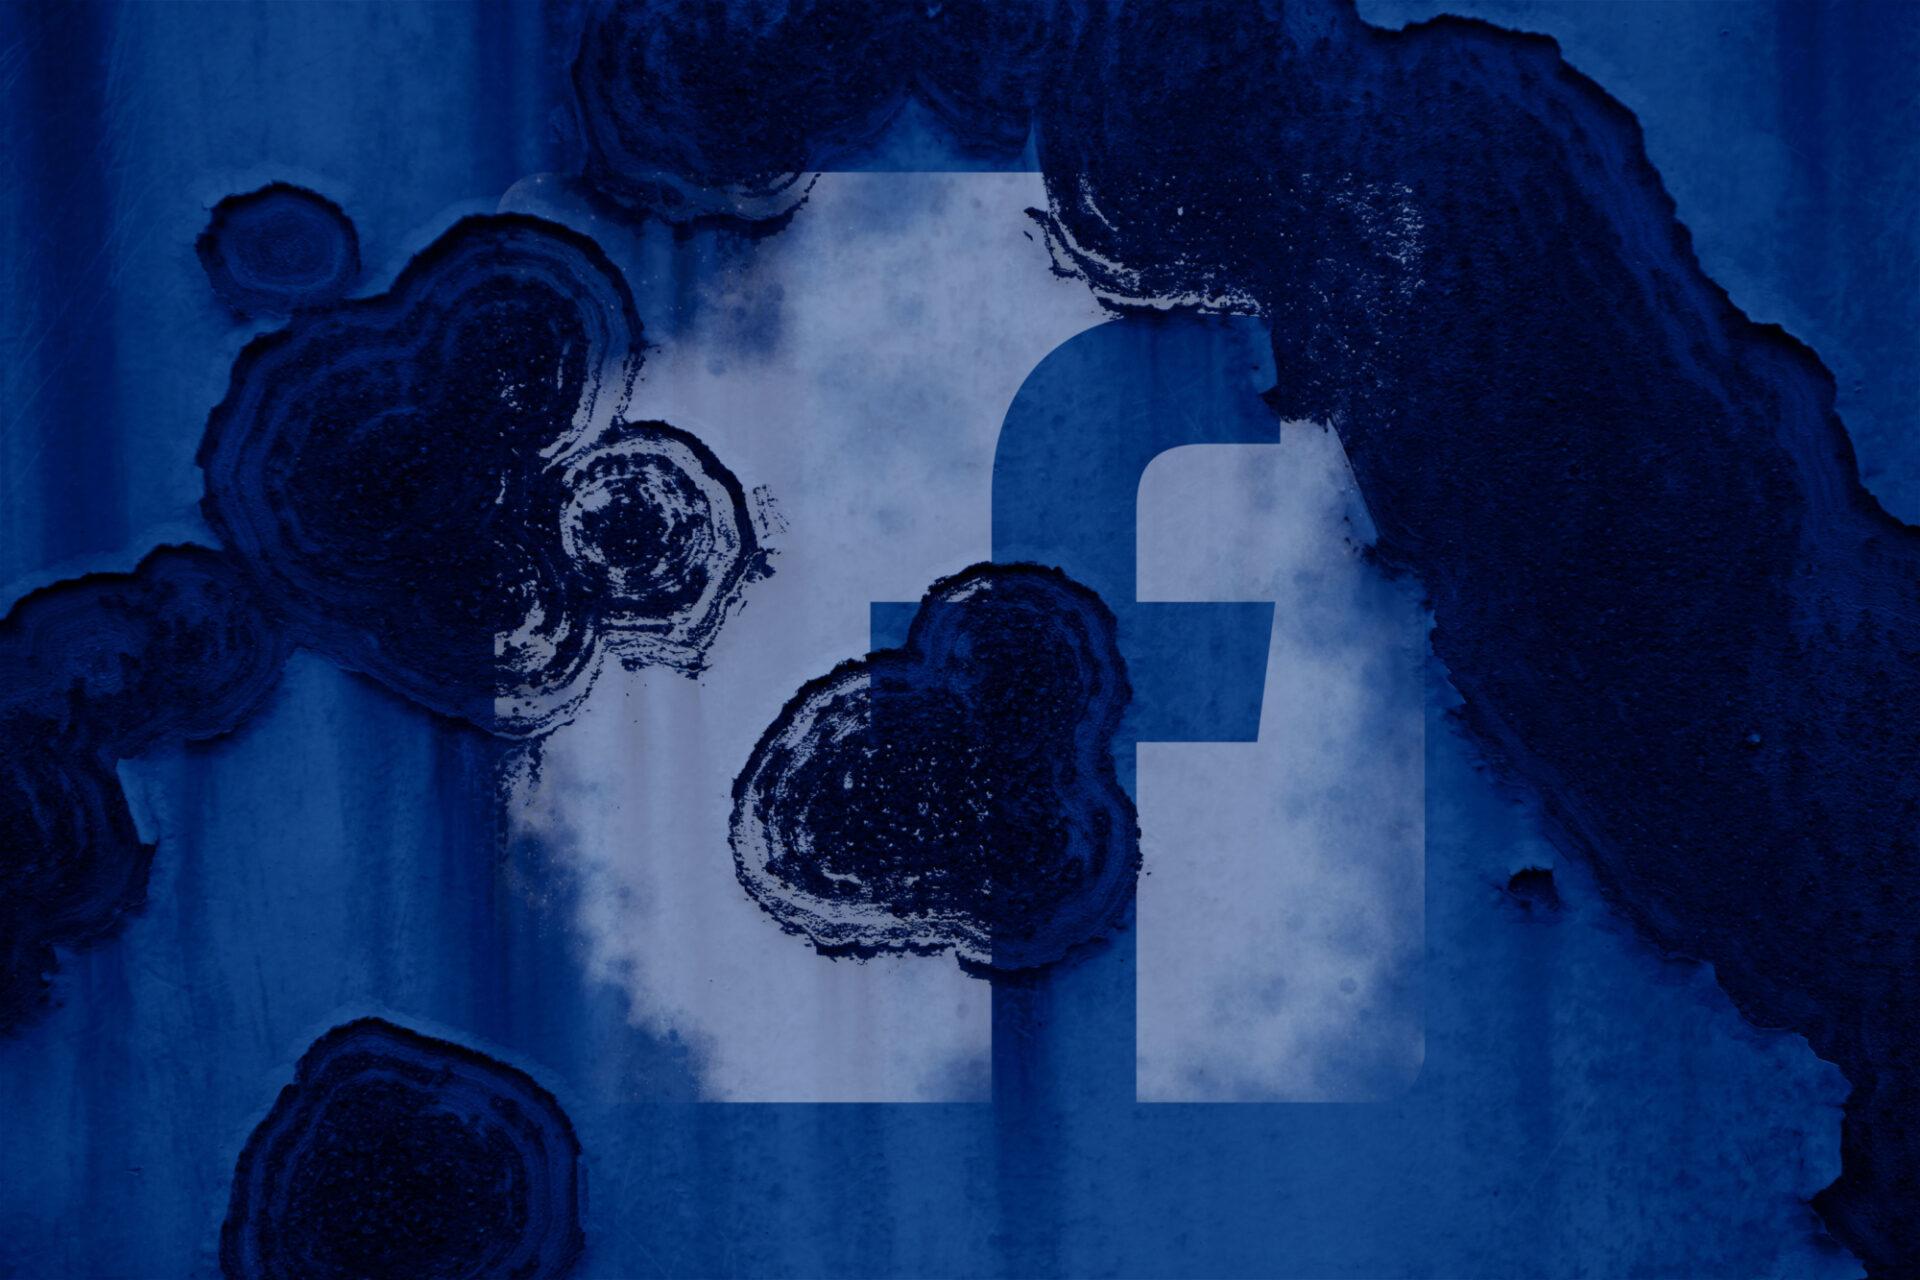 Et si l'on brisait le monolithe qu'est Facebook?